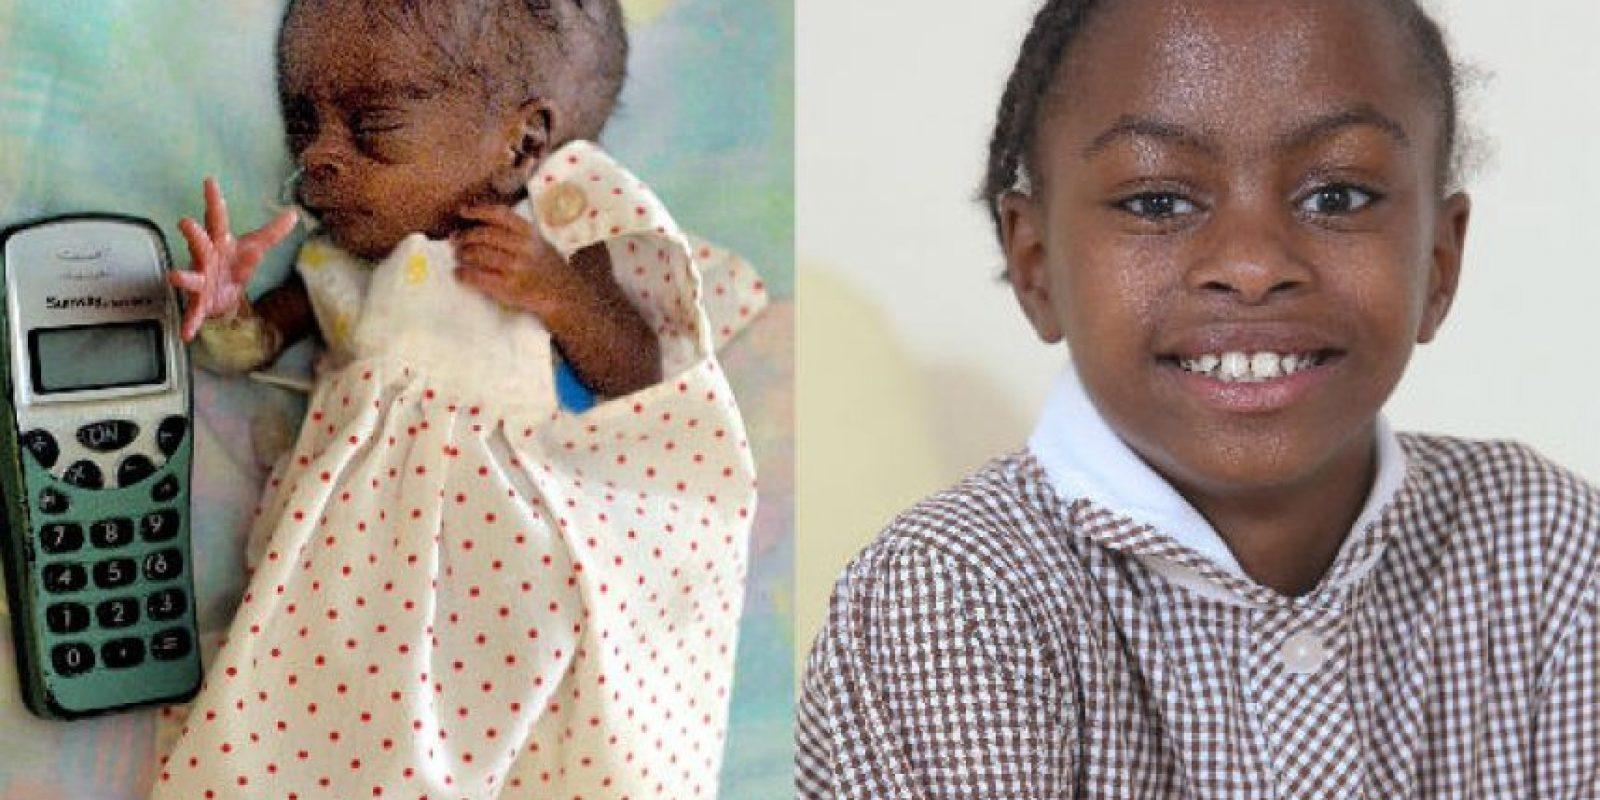 La pequeña de Reino Unido es una niña sana pese al mal pronóstico que le dieron los médicos a su madre. Foto:Grosby Group